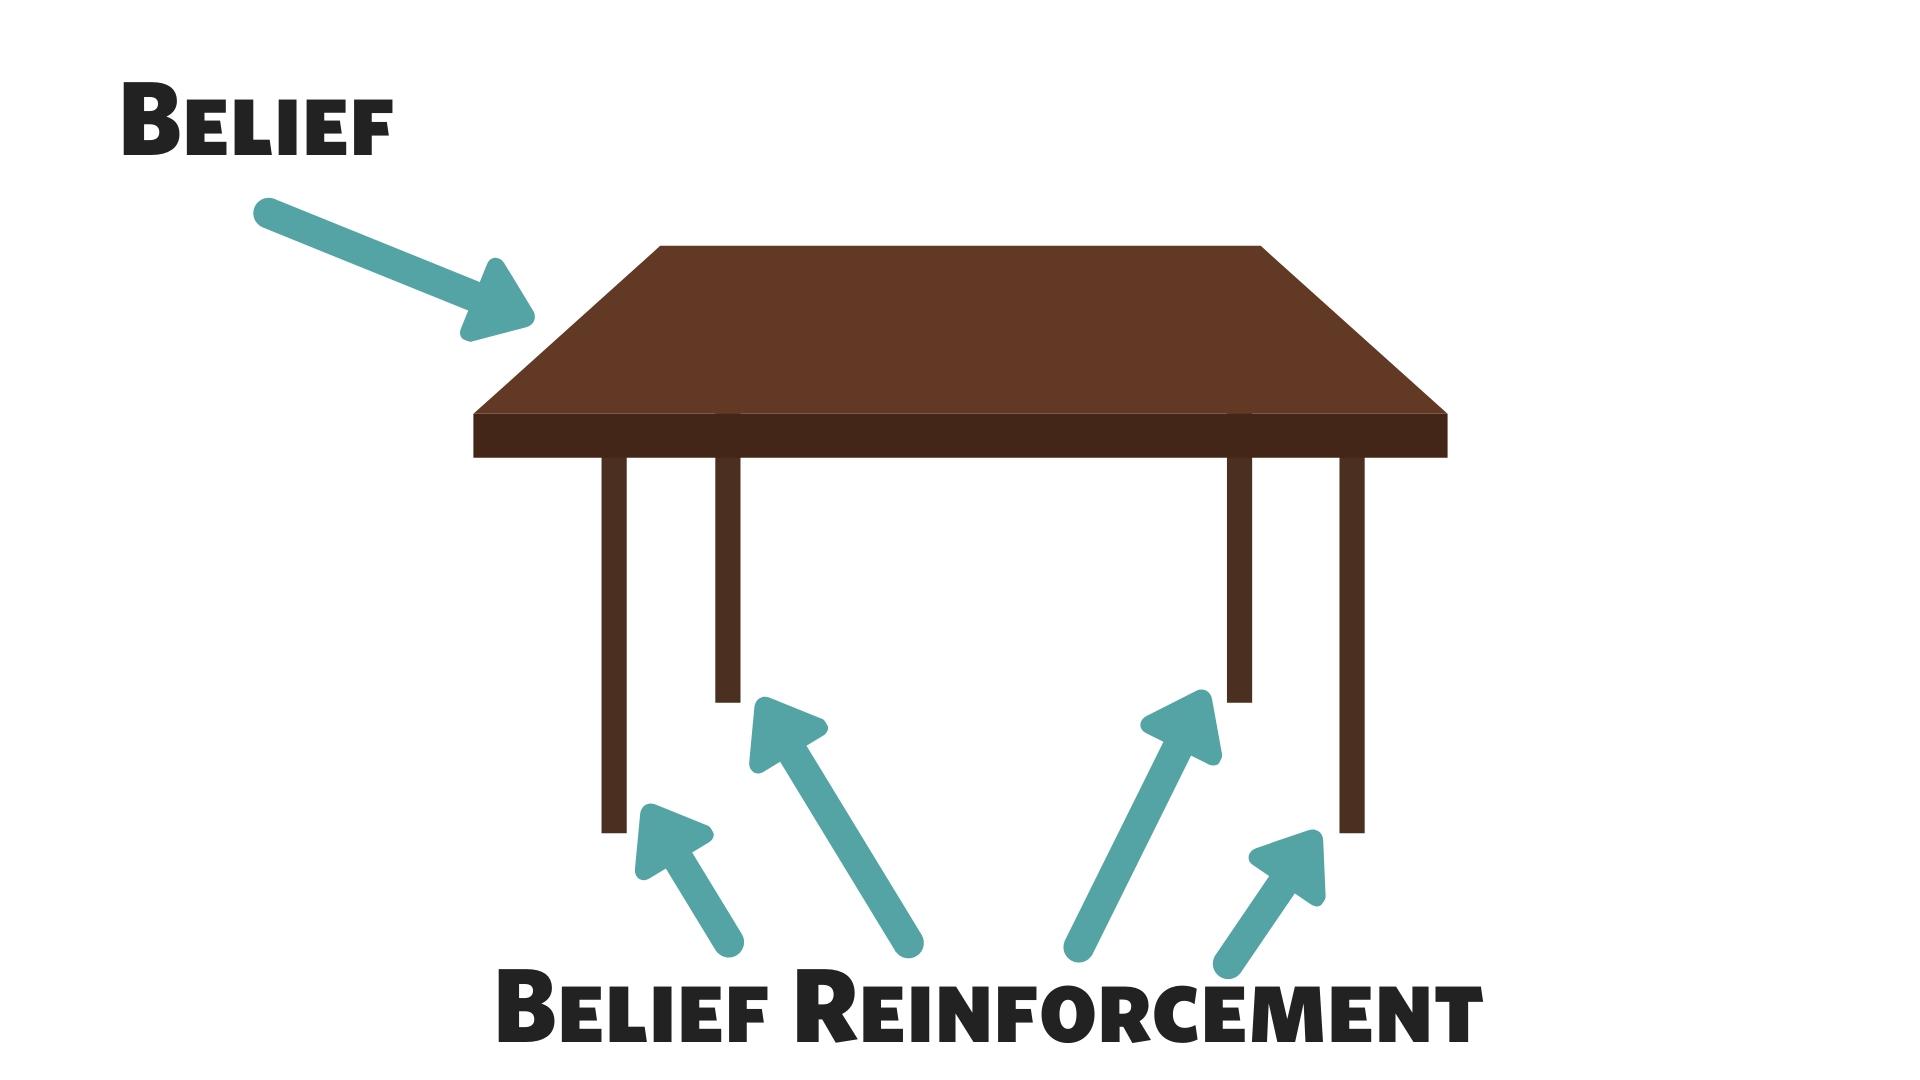 Belief Table